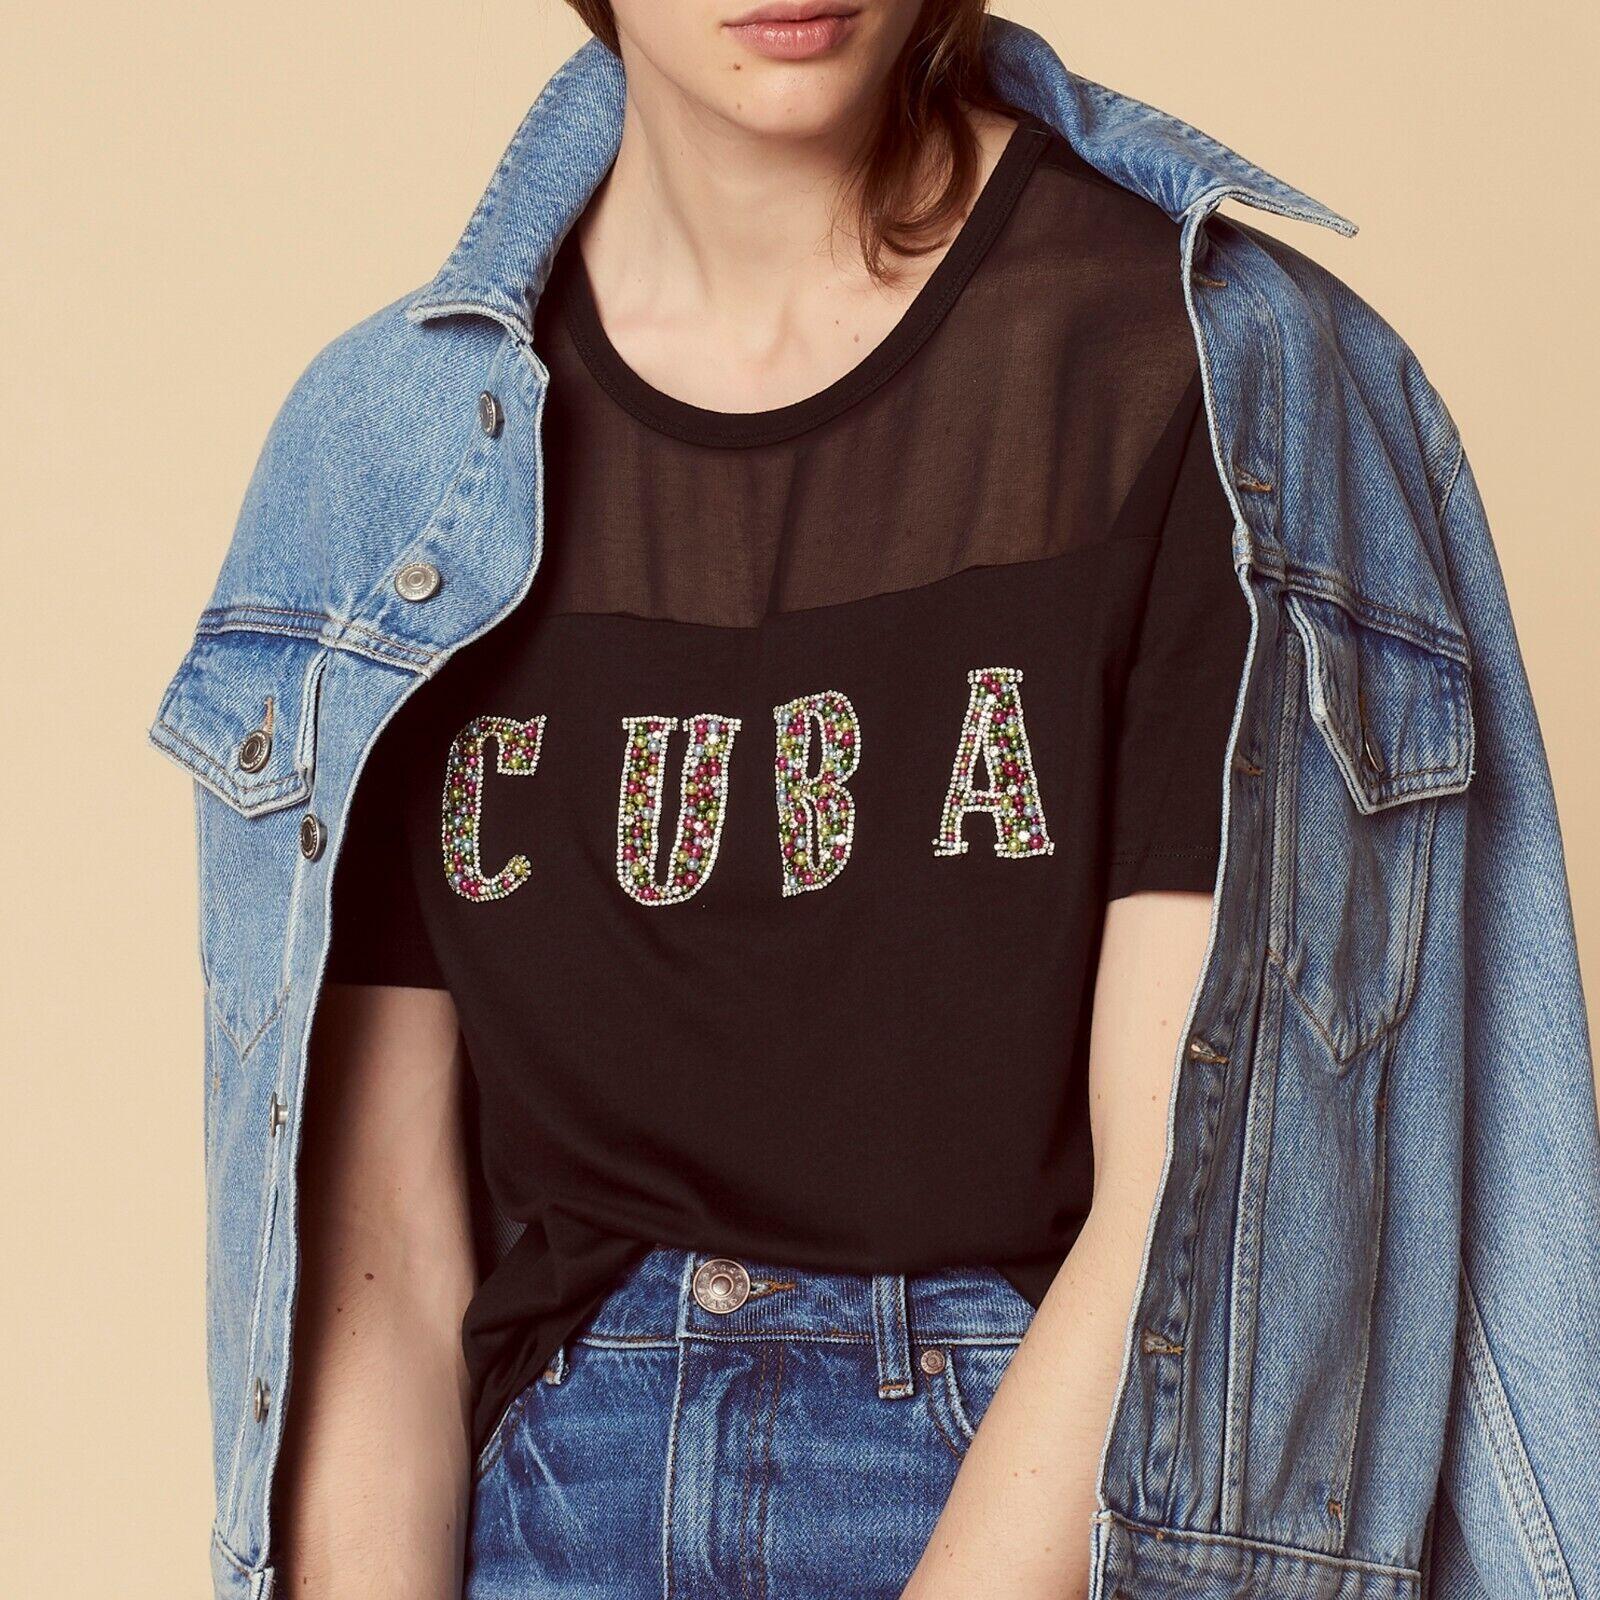 Sandro Paris Woherren schwarz Cuba beaded tshirt - NWT- Original